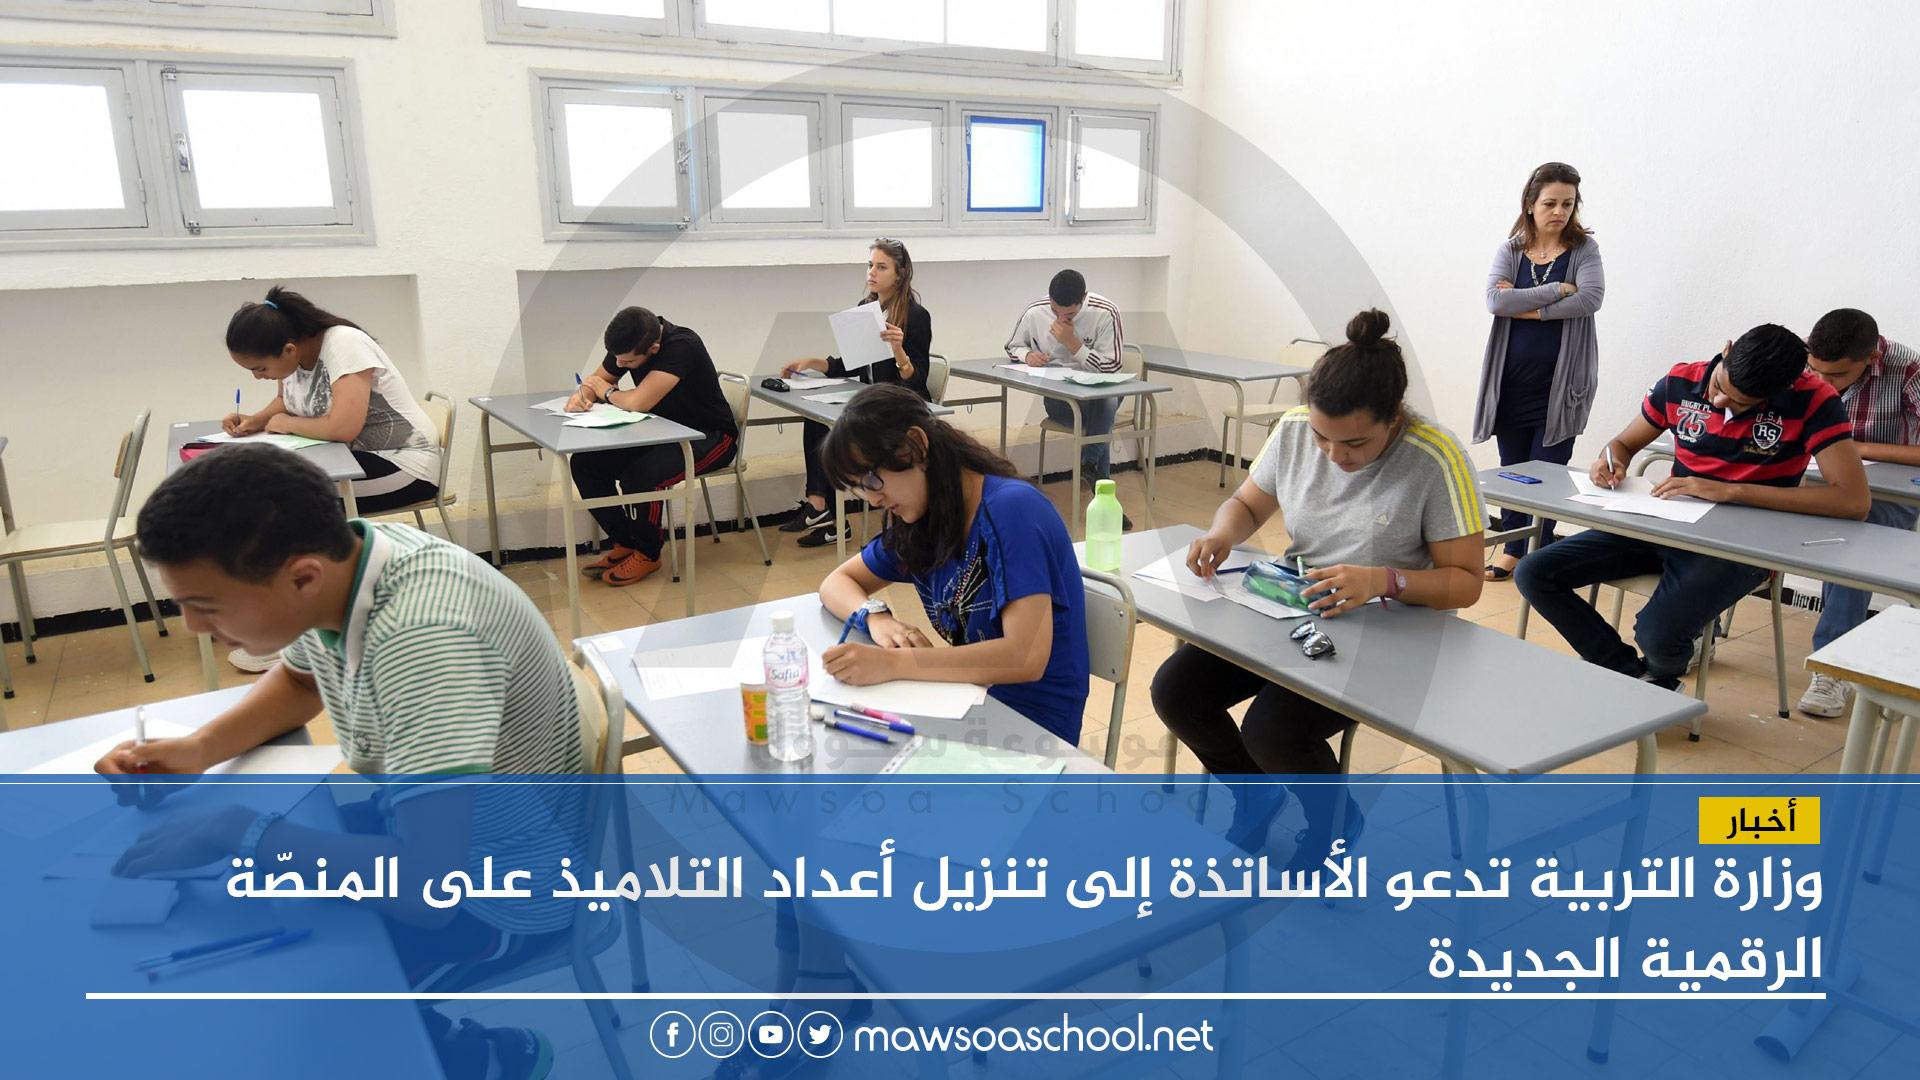 وزارة التربية تدعو الأساتذة إلى تنزيل أعداد التلاميذ على المنصّة الرقمية الجديدة